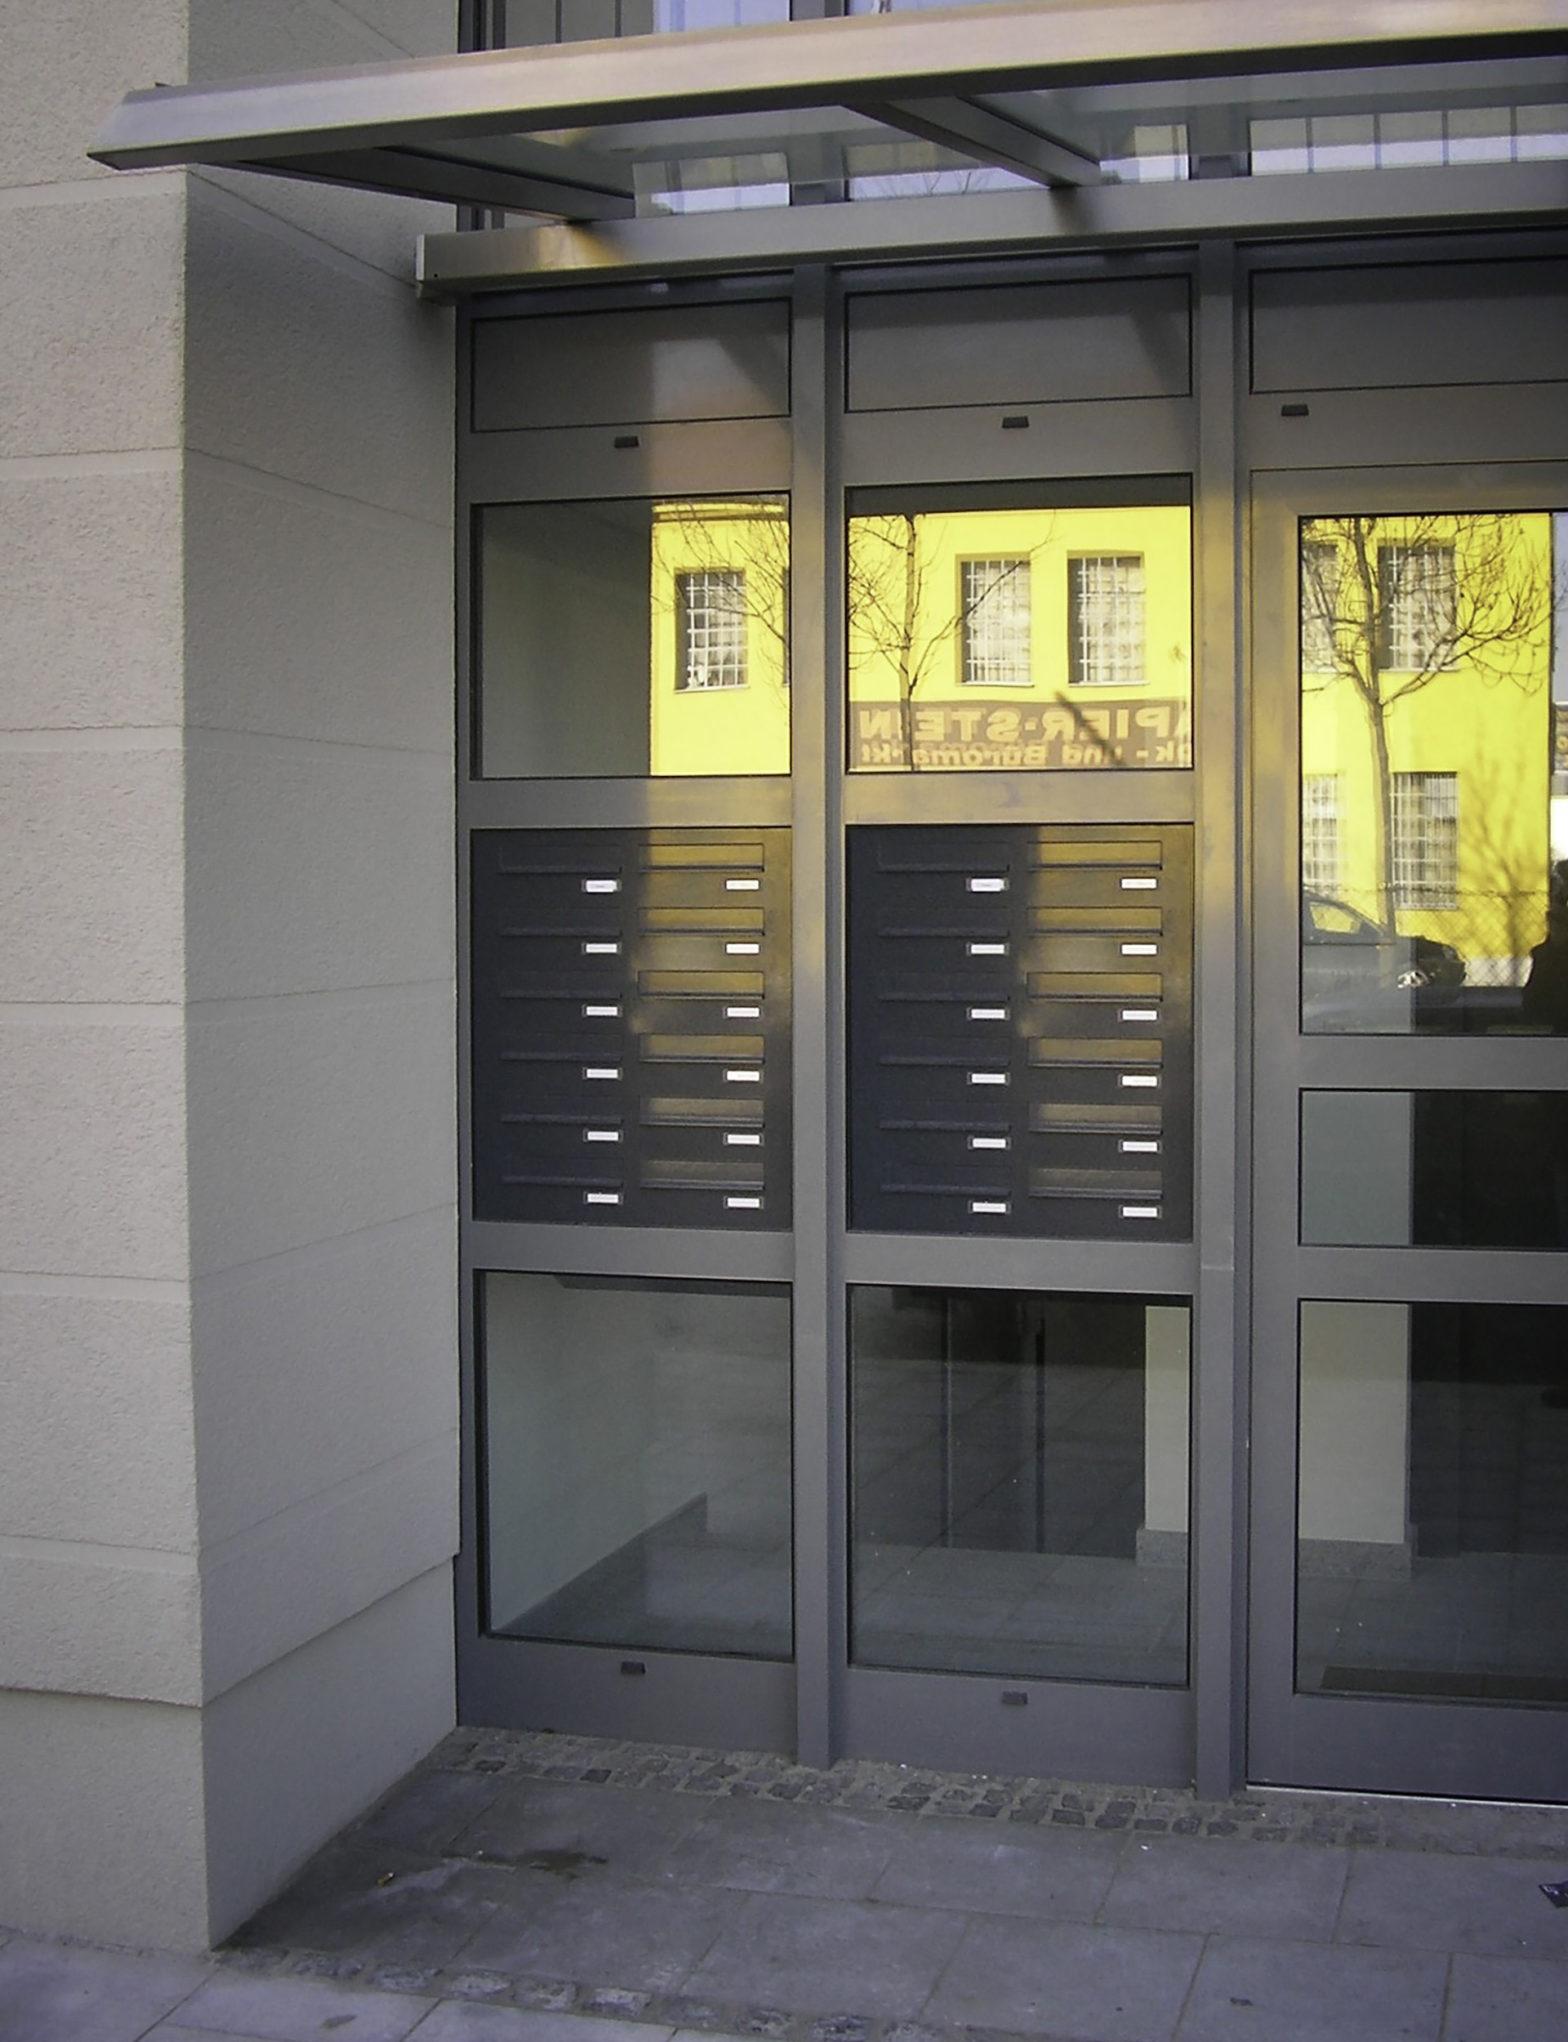 KNOBLOCH EXPRESS BOX - zwei 12-teilige Türseitenteil-Briefkastenanlagen mit horizontalen Kästen (TS-120-S)